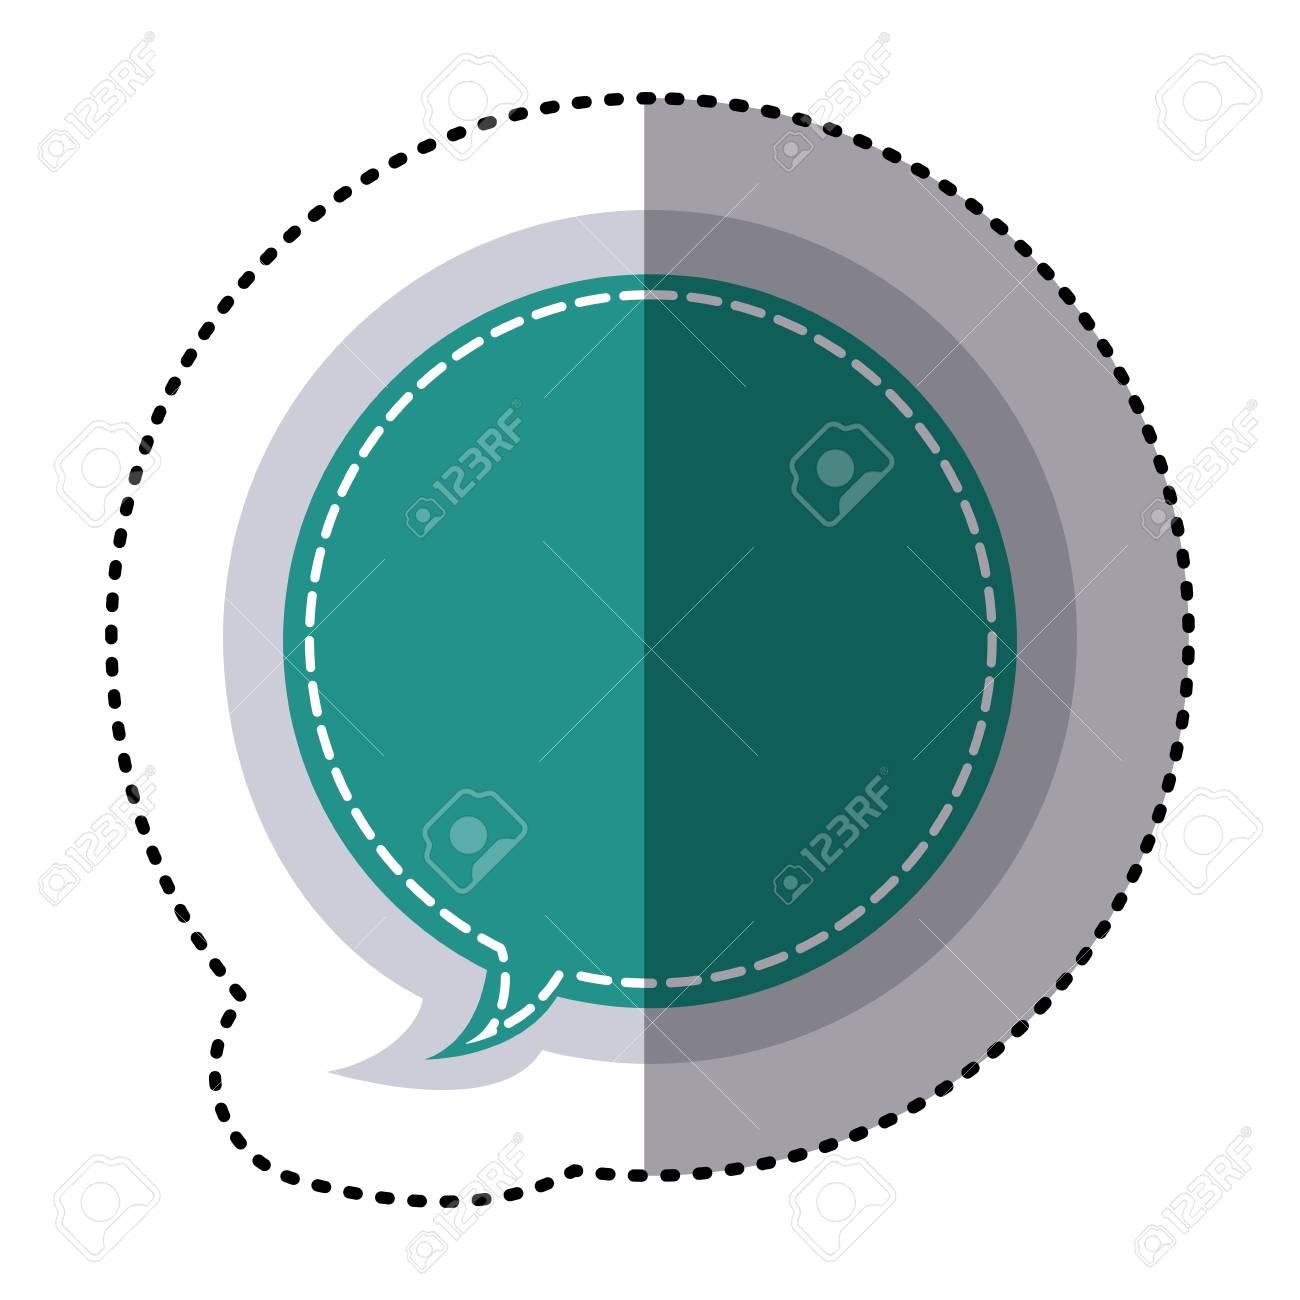 Nett Out Des Formens Einen Rahmen Ideen - Benutzerdefinierte ...